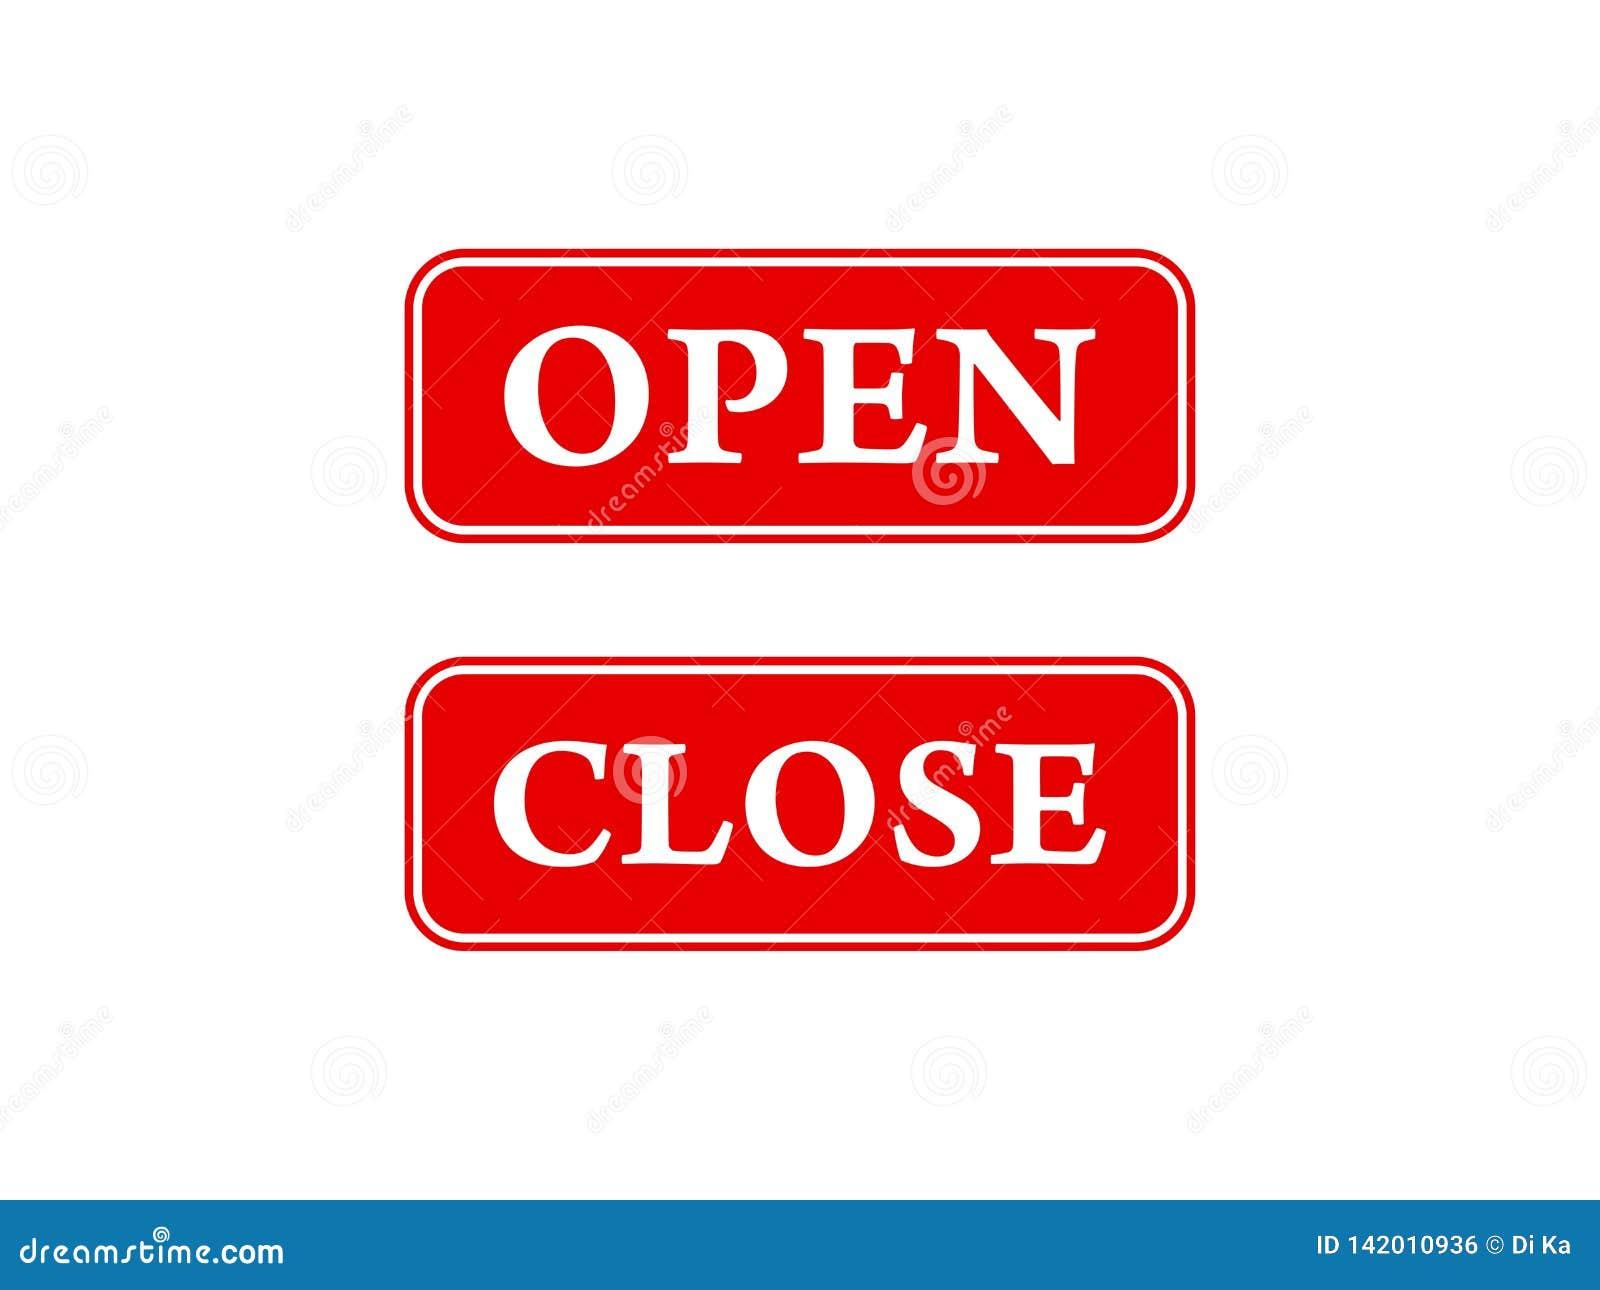 Offene und nahe Ikonen für Türen, Geschäftsfenster, Arbeitsplätze und mehr